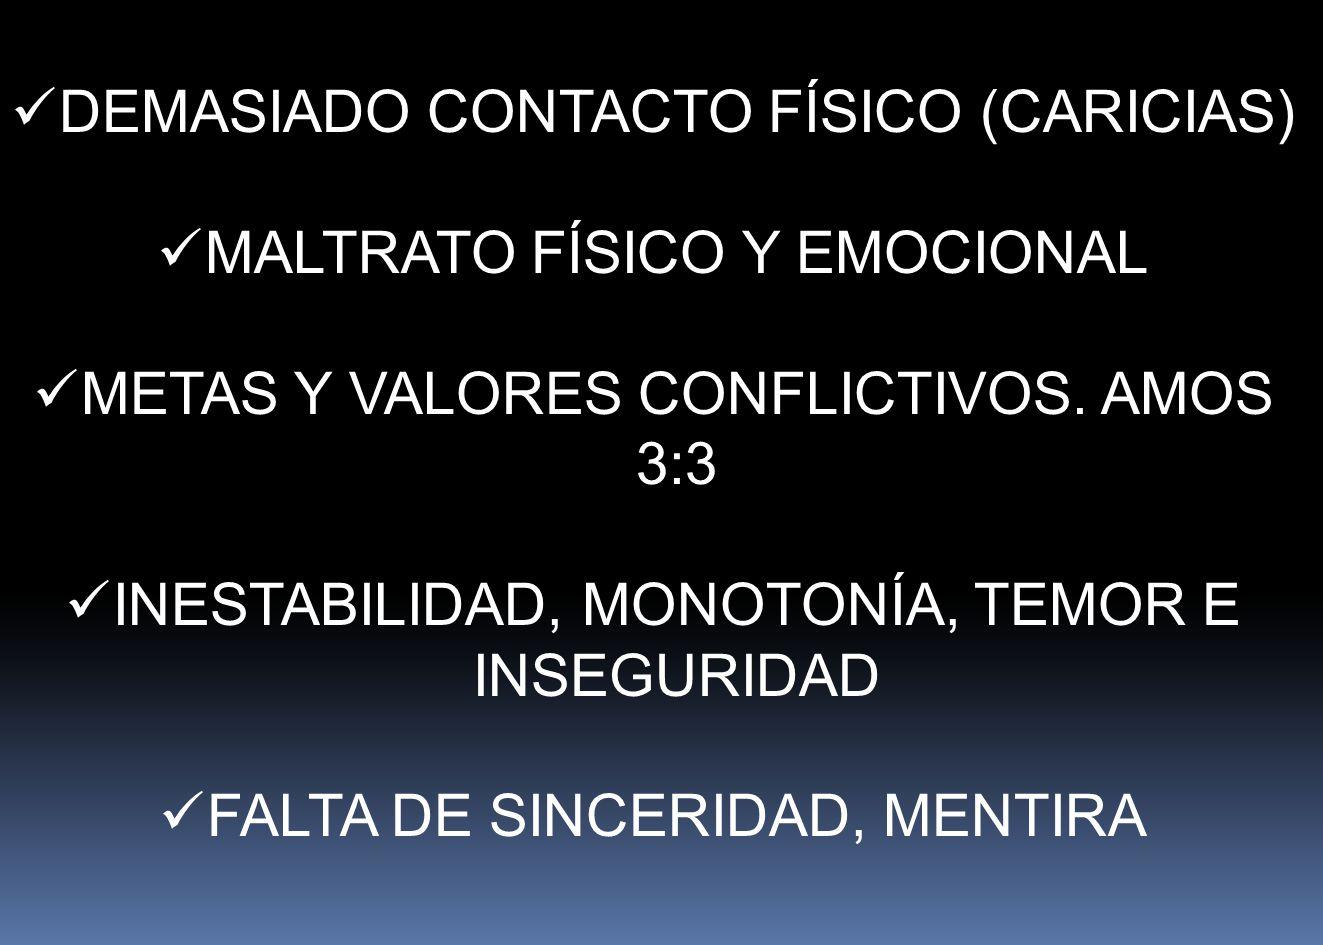 DEMASIADO CONTACTO FÍSICO (CARICIAS) MALTRATO FÍSICO Y EMOCIONAL